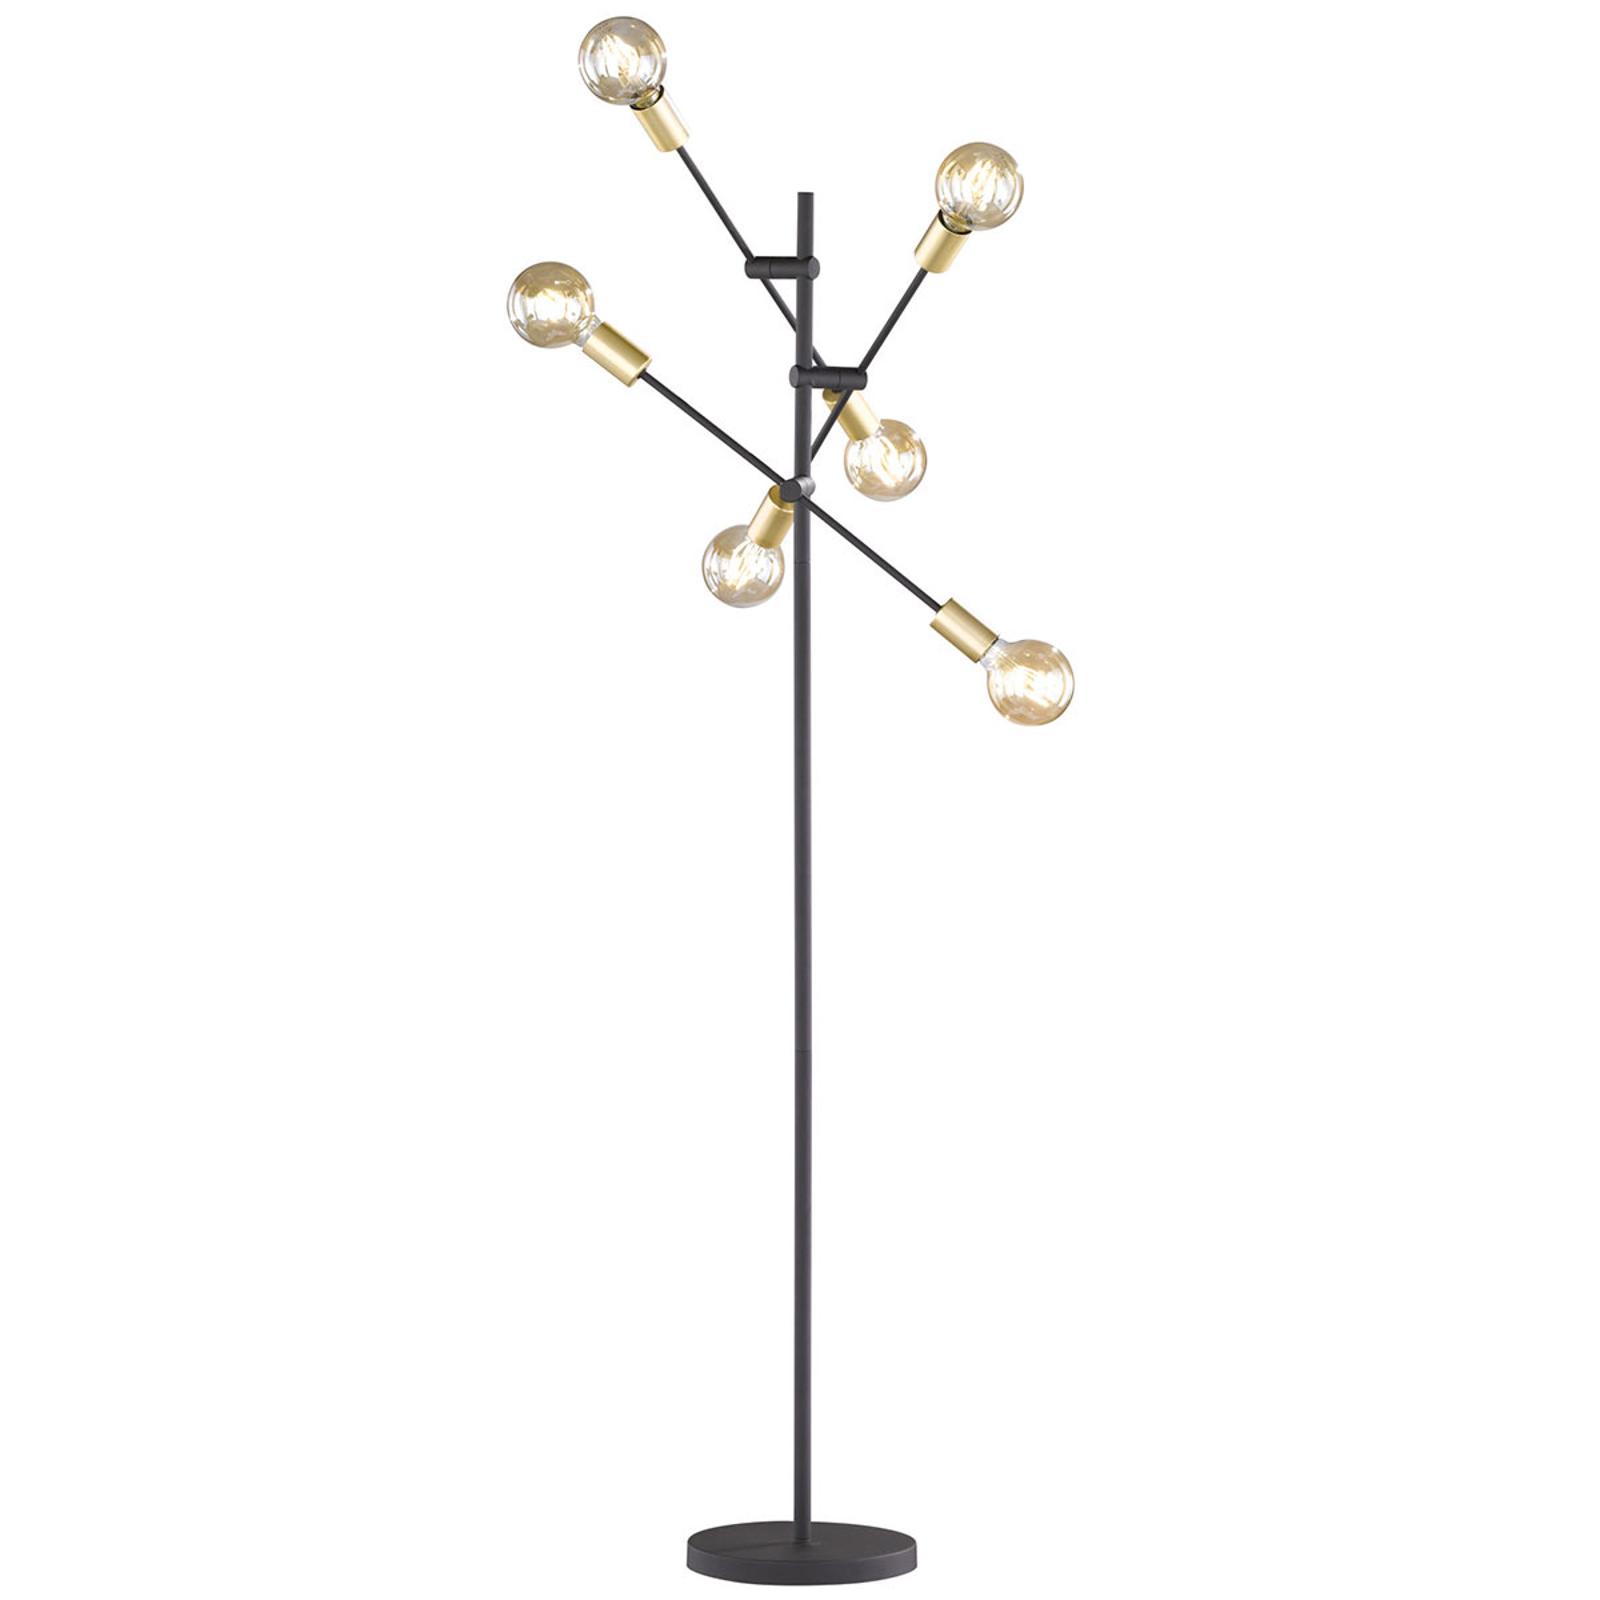 Gulvlampe Cross i trendy sort-gyldent design